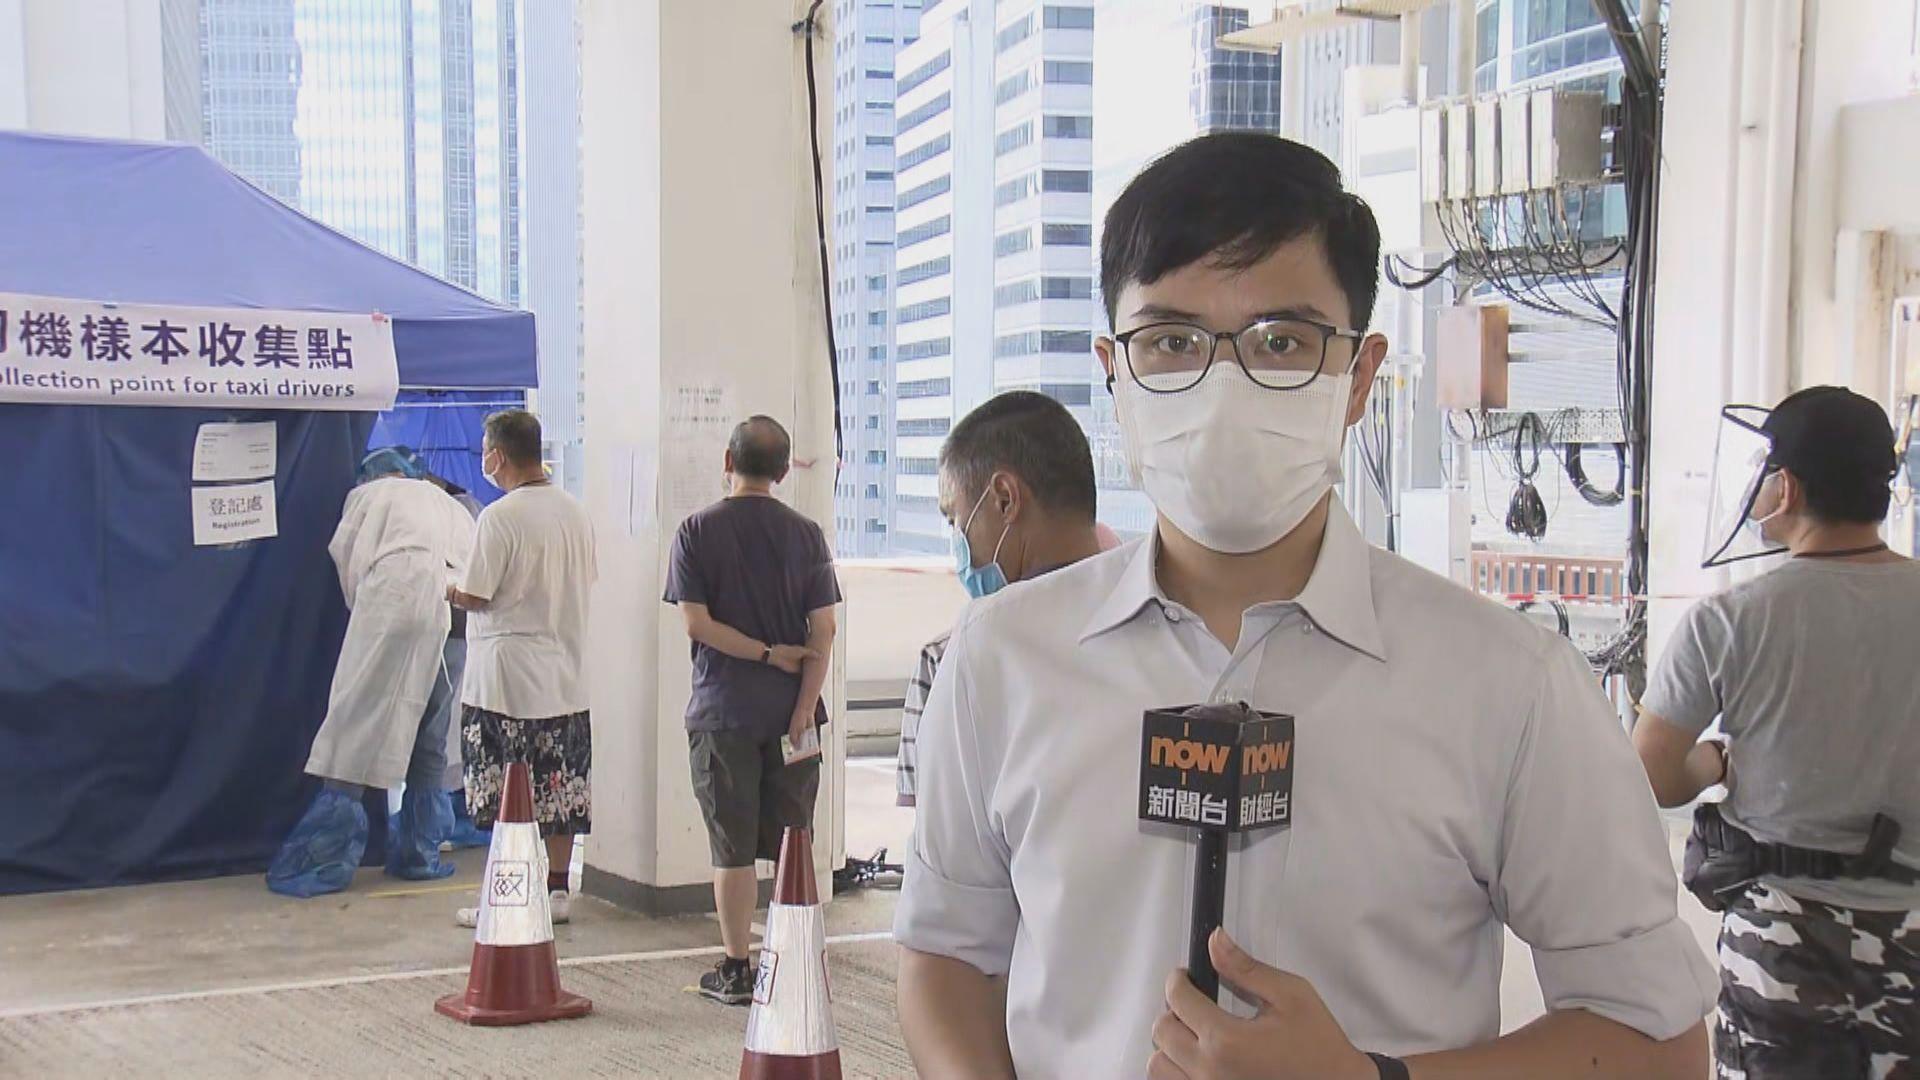 【現場報道】數十名的士司機早上到林士街停車場作新冠病毒檢測試驗